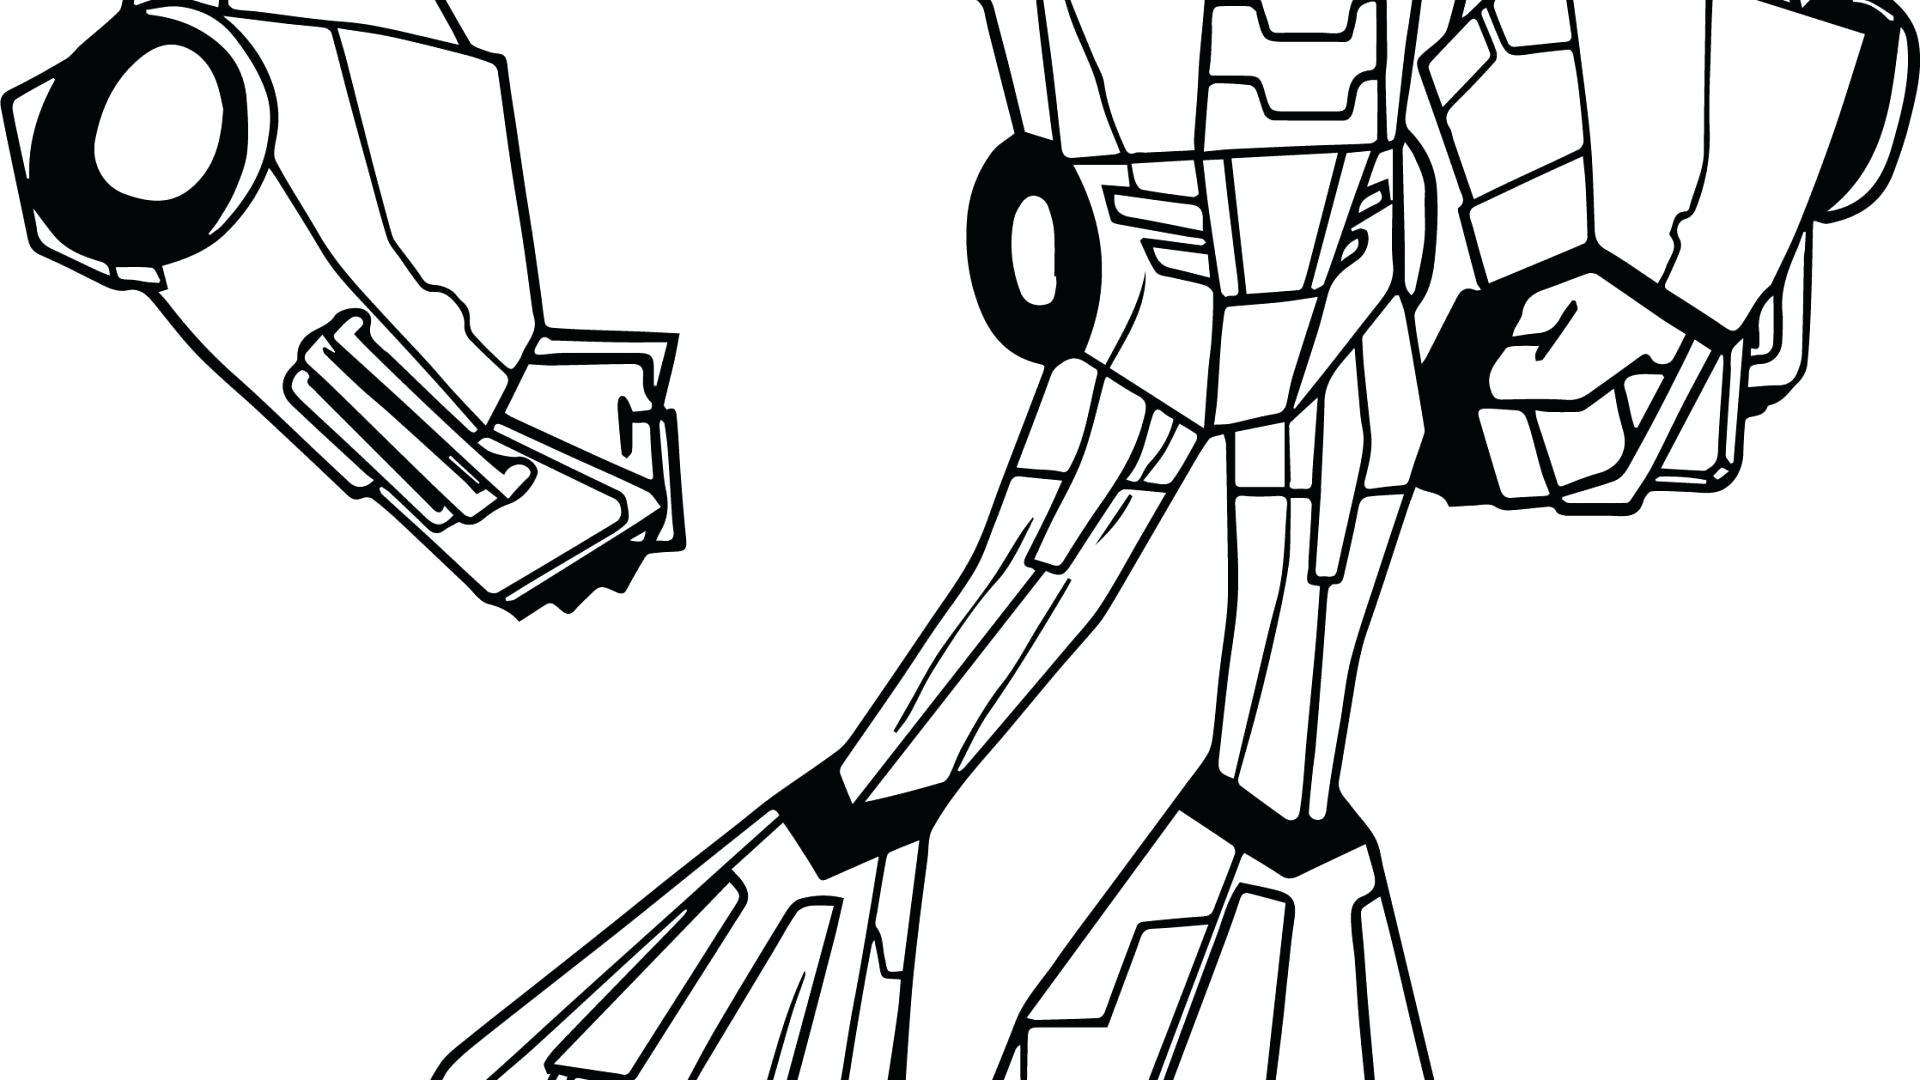 Transformers Optimus Prime Drawing At Getdrawings